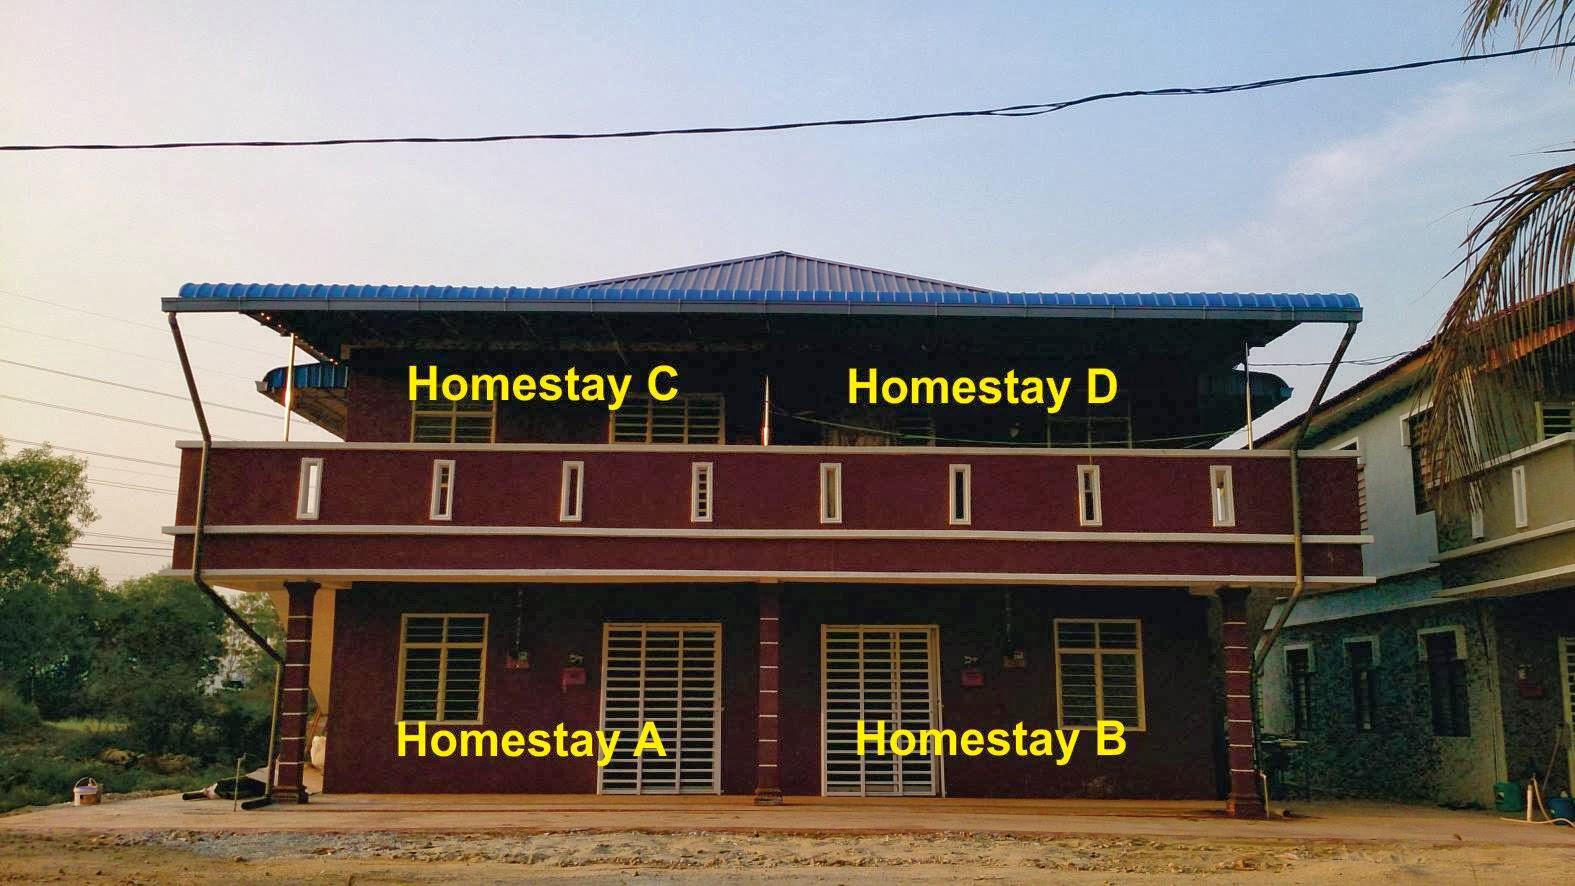 HNZ HOMESTAY PERMATANG PAUH